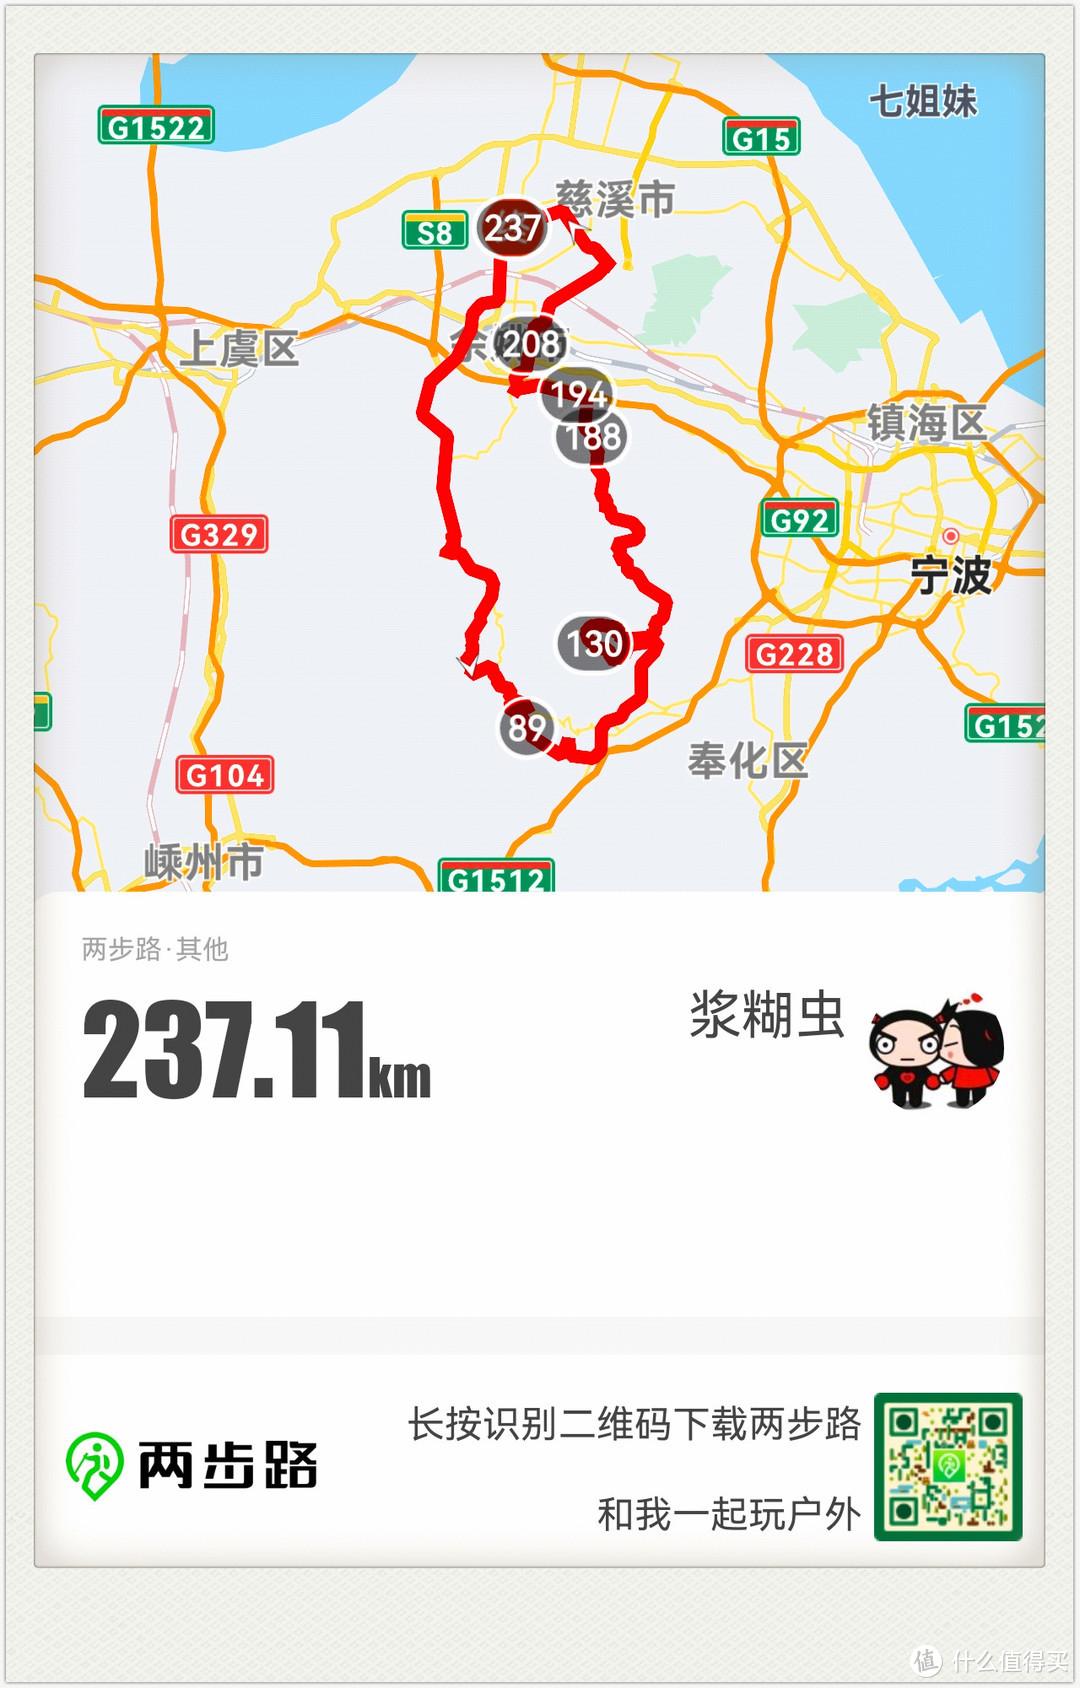 这是规划后的路线,总里程 237公里,其中一大半是山路